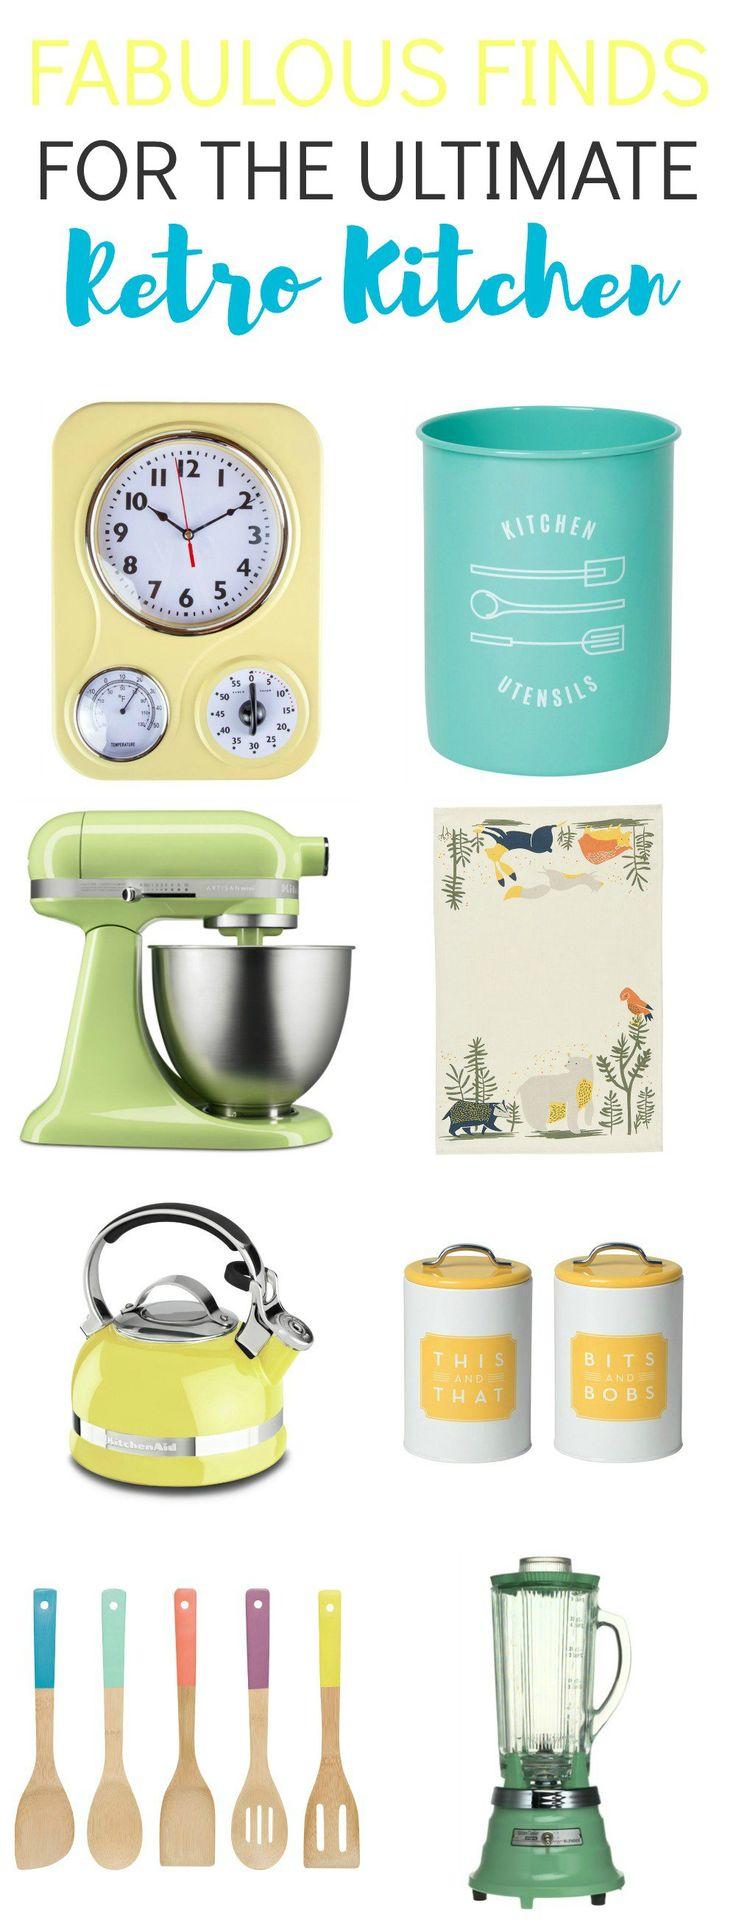 Red Retro Kitchen Accessories 17 Best Ideas About Retro Kitchen Accessories On Pinterest 70s